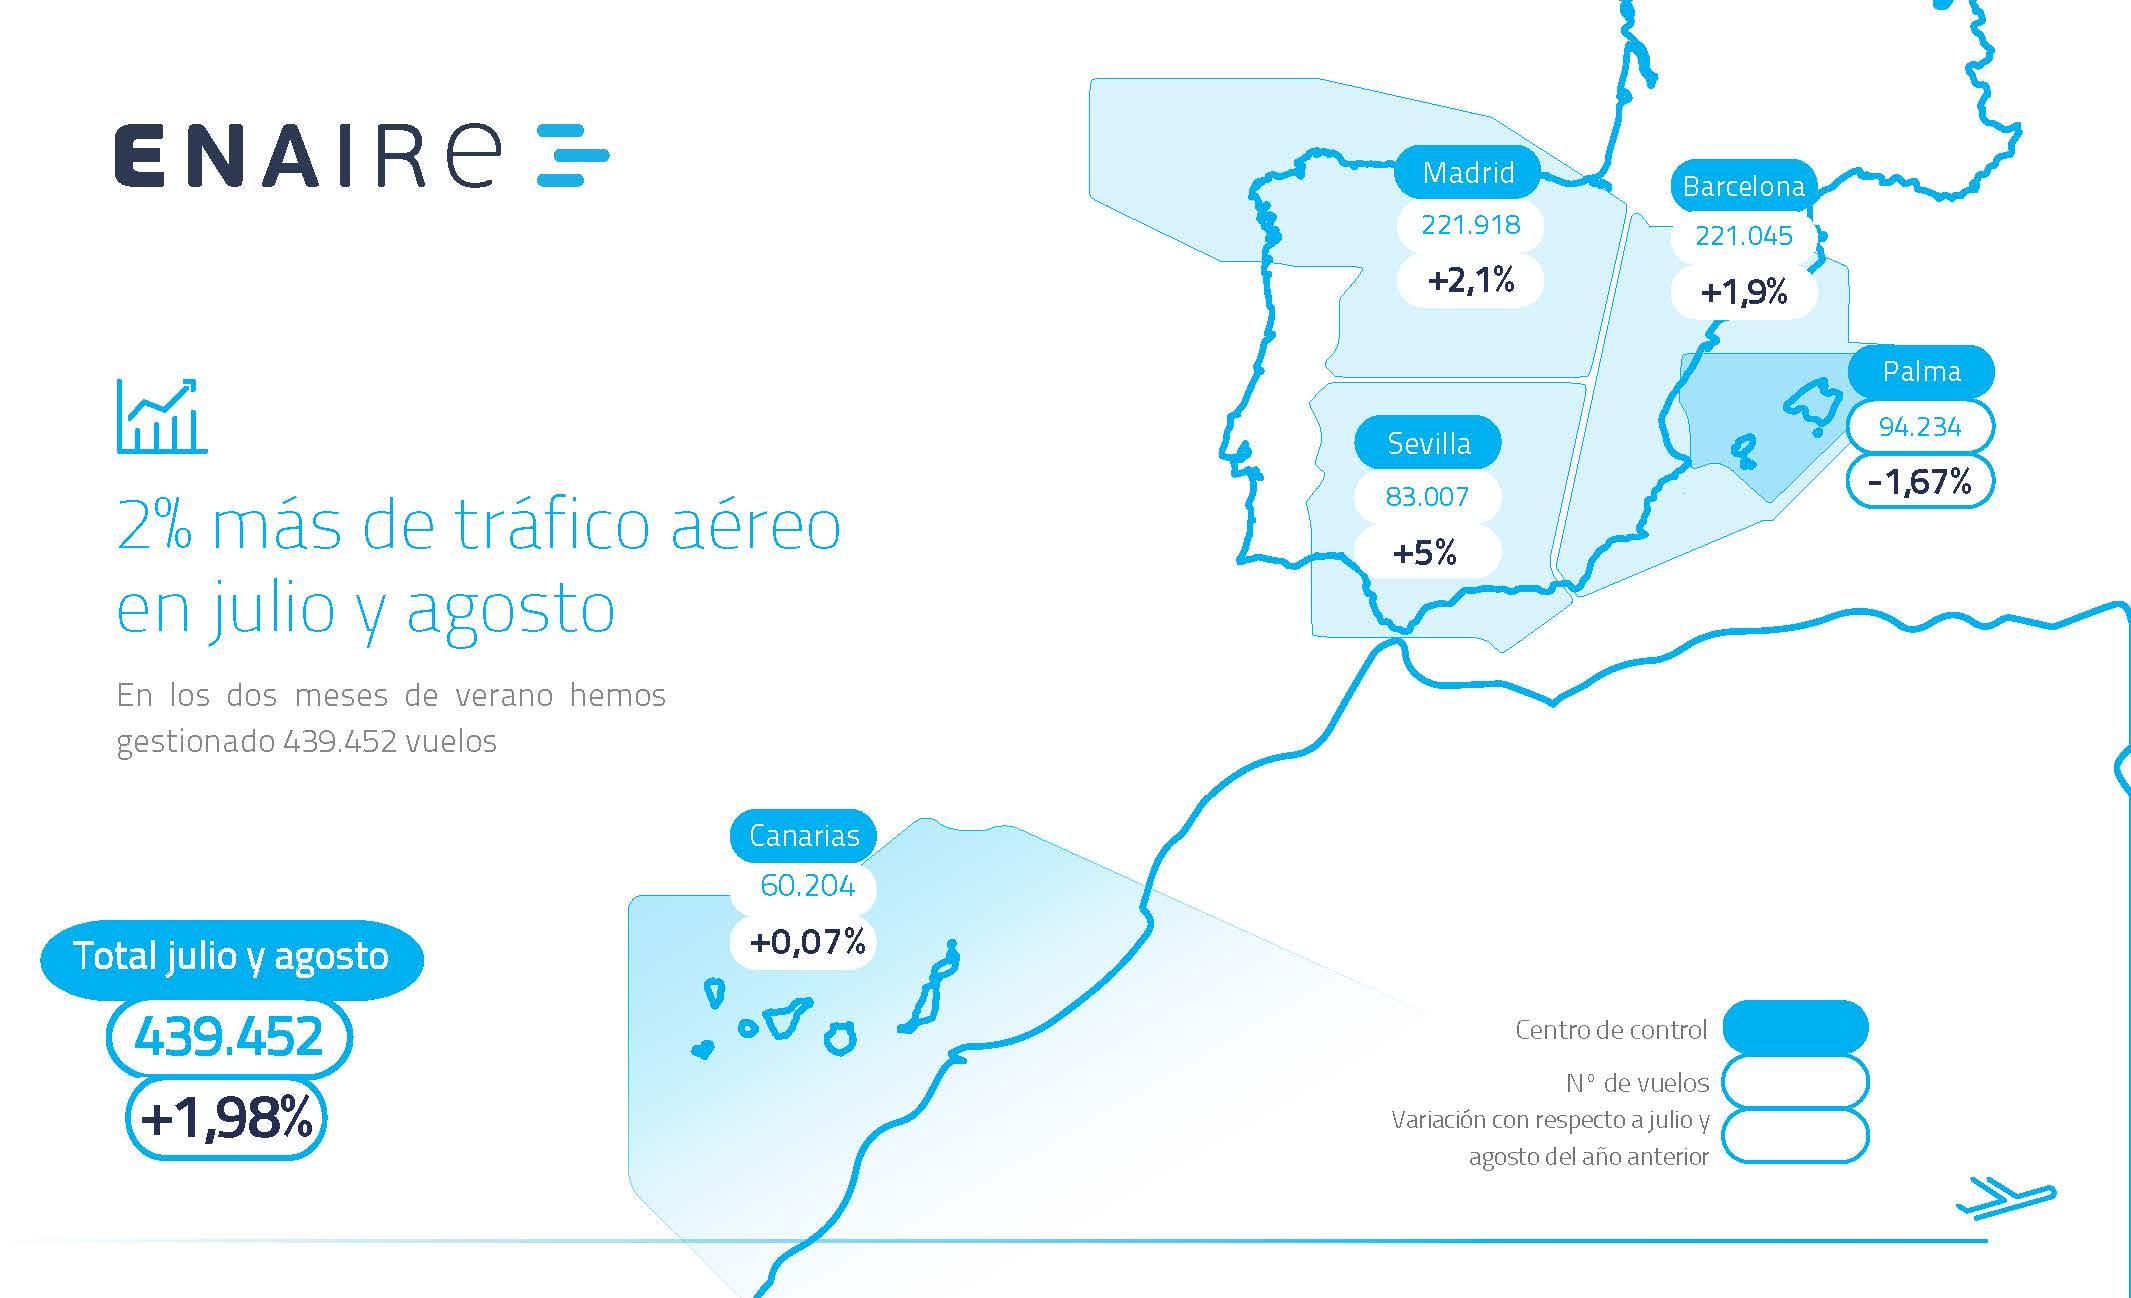 Mapa de tráfico aéreo